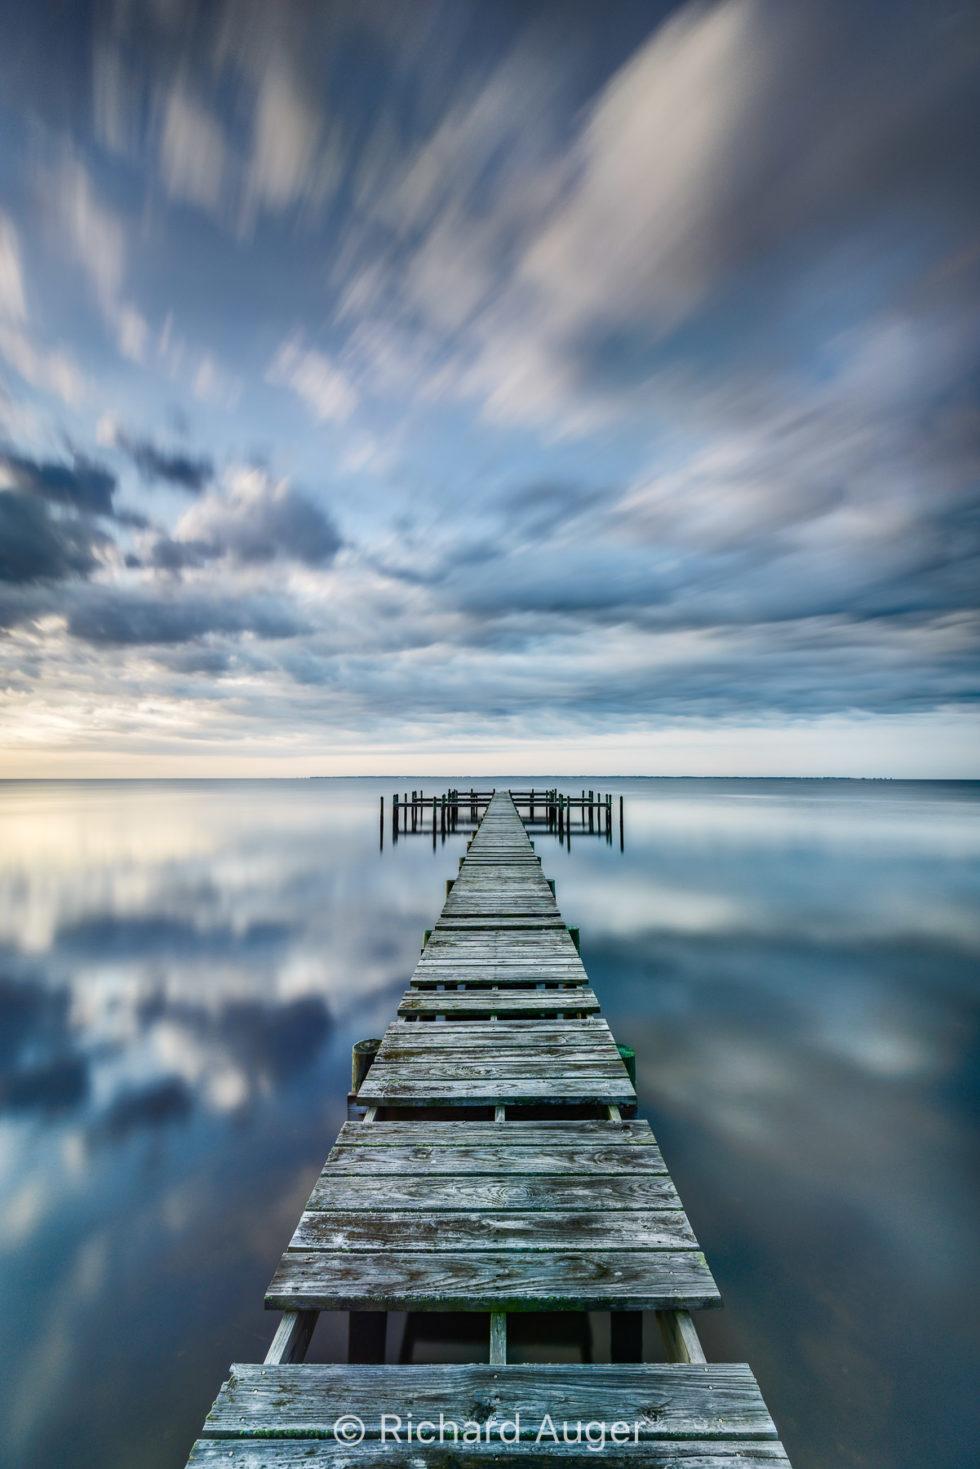 Panhandle, Florida, Jetty, Dock, Clouds, drama, Photograph